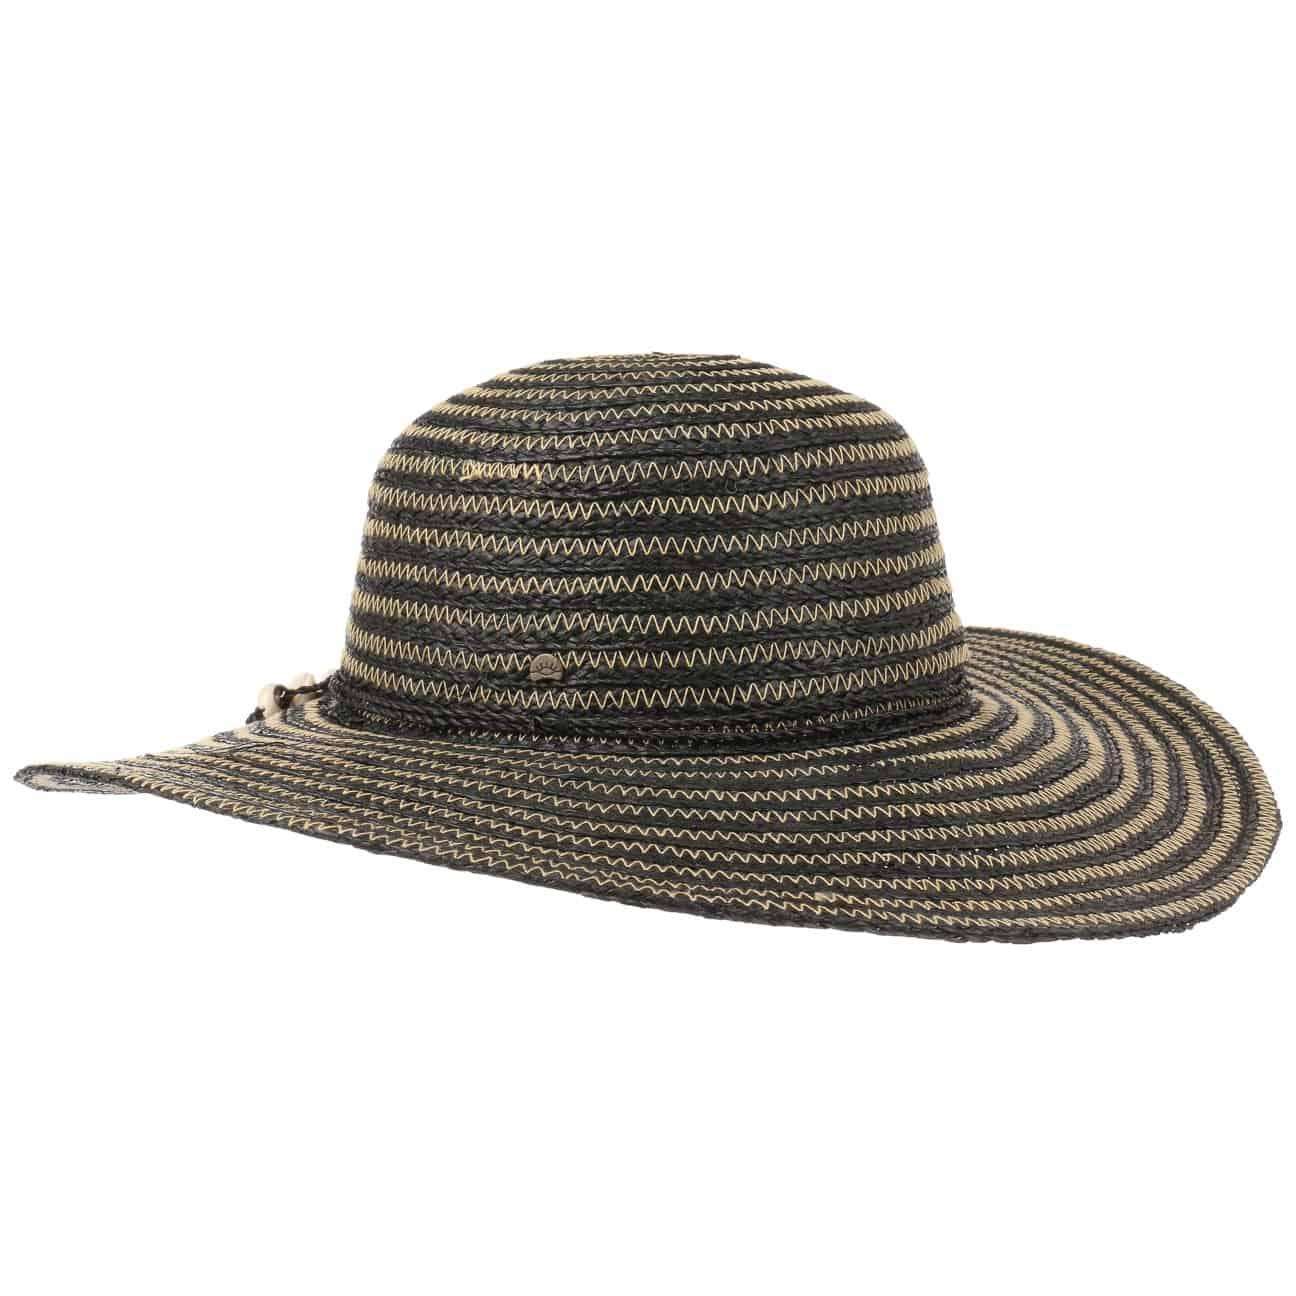 Sombrero de Paja de Rafia Abeje by Conner  sombrero de verano